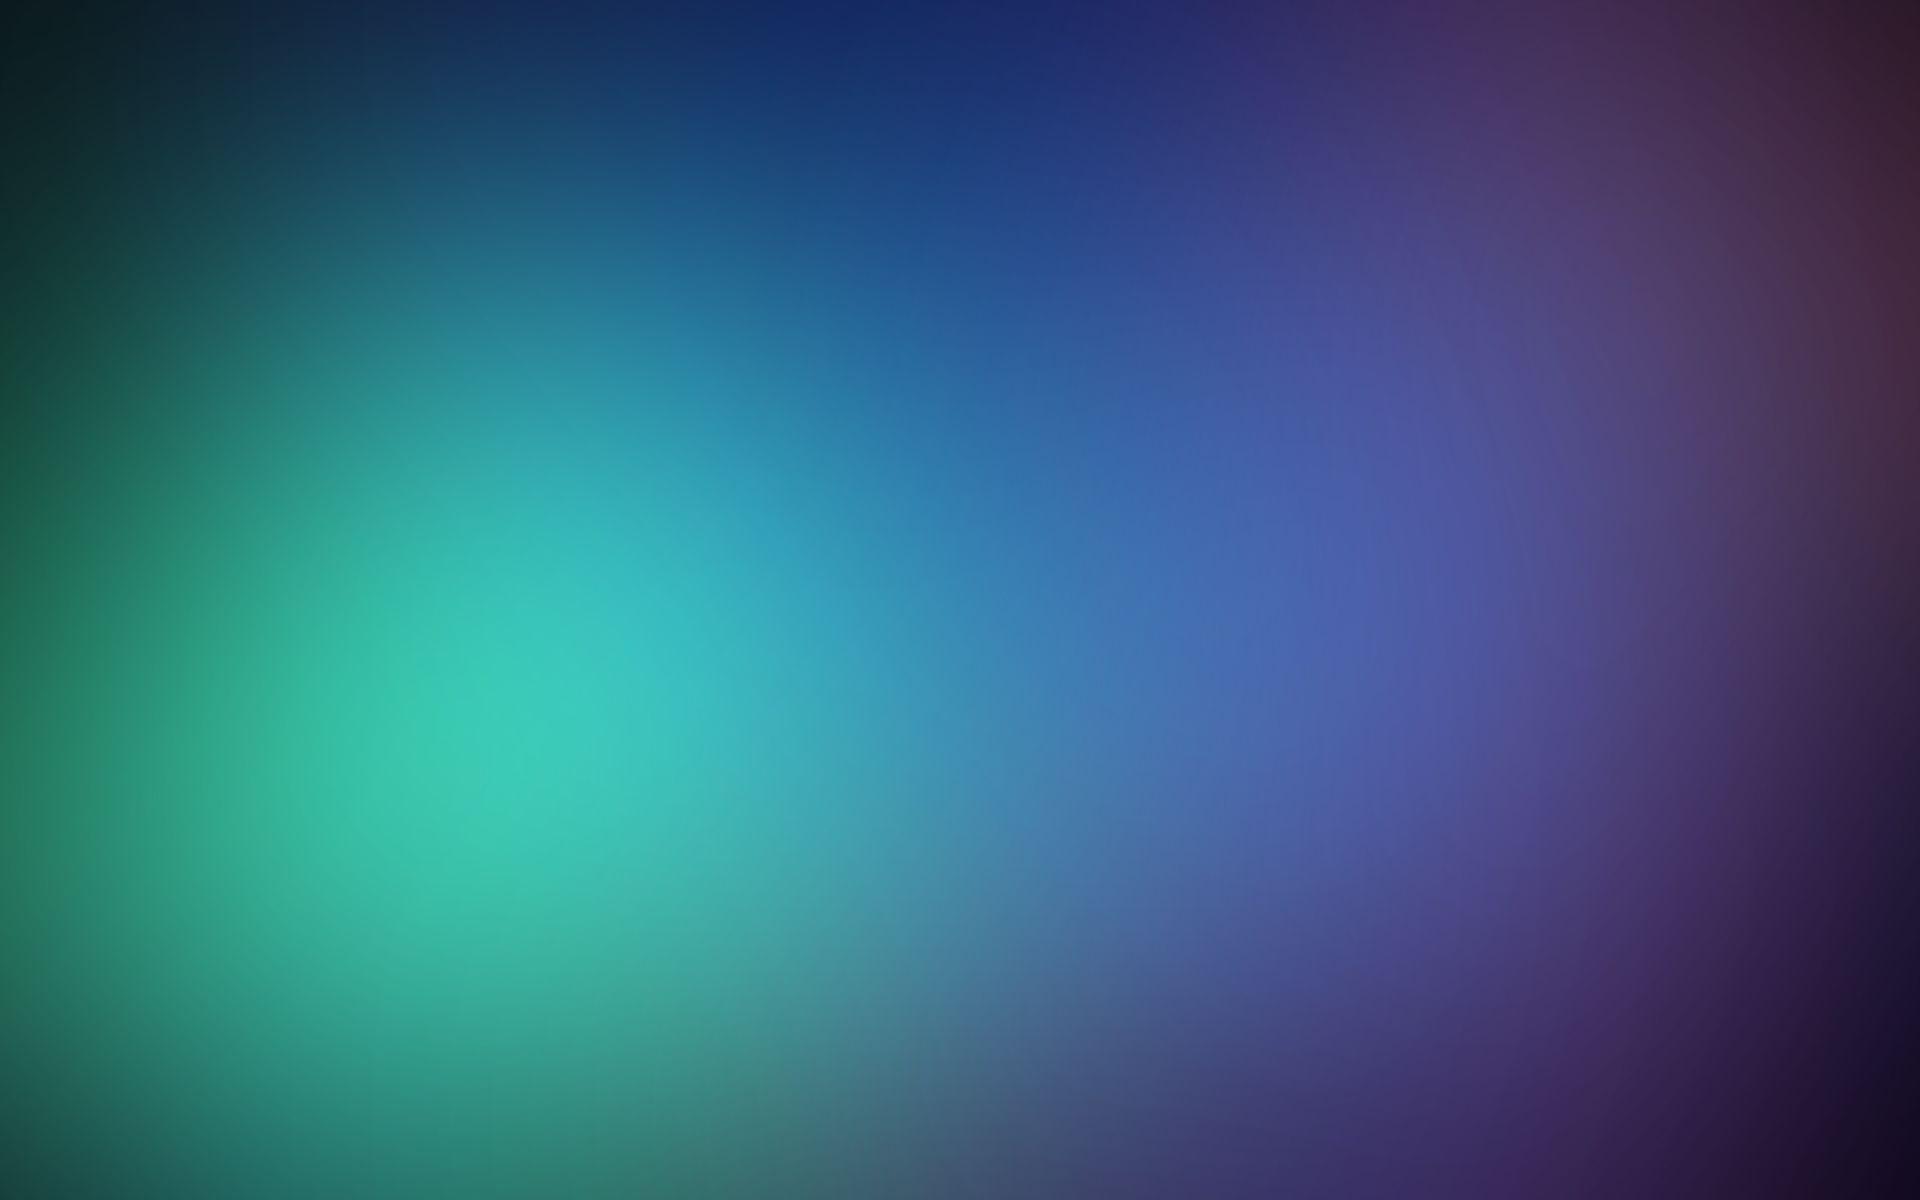 Blur Blue And Purple Glowing Hd Wallpaper Wallpaper List 1920x1200